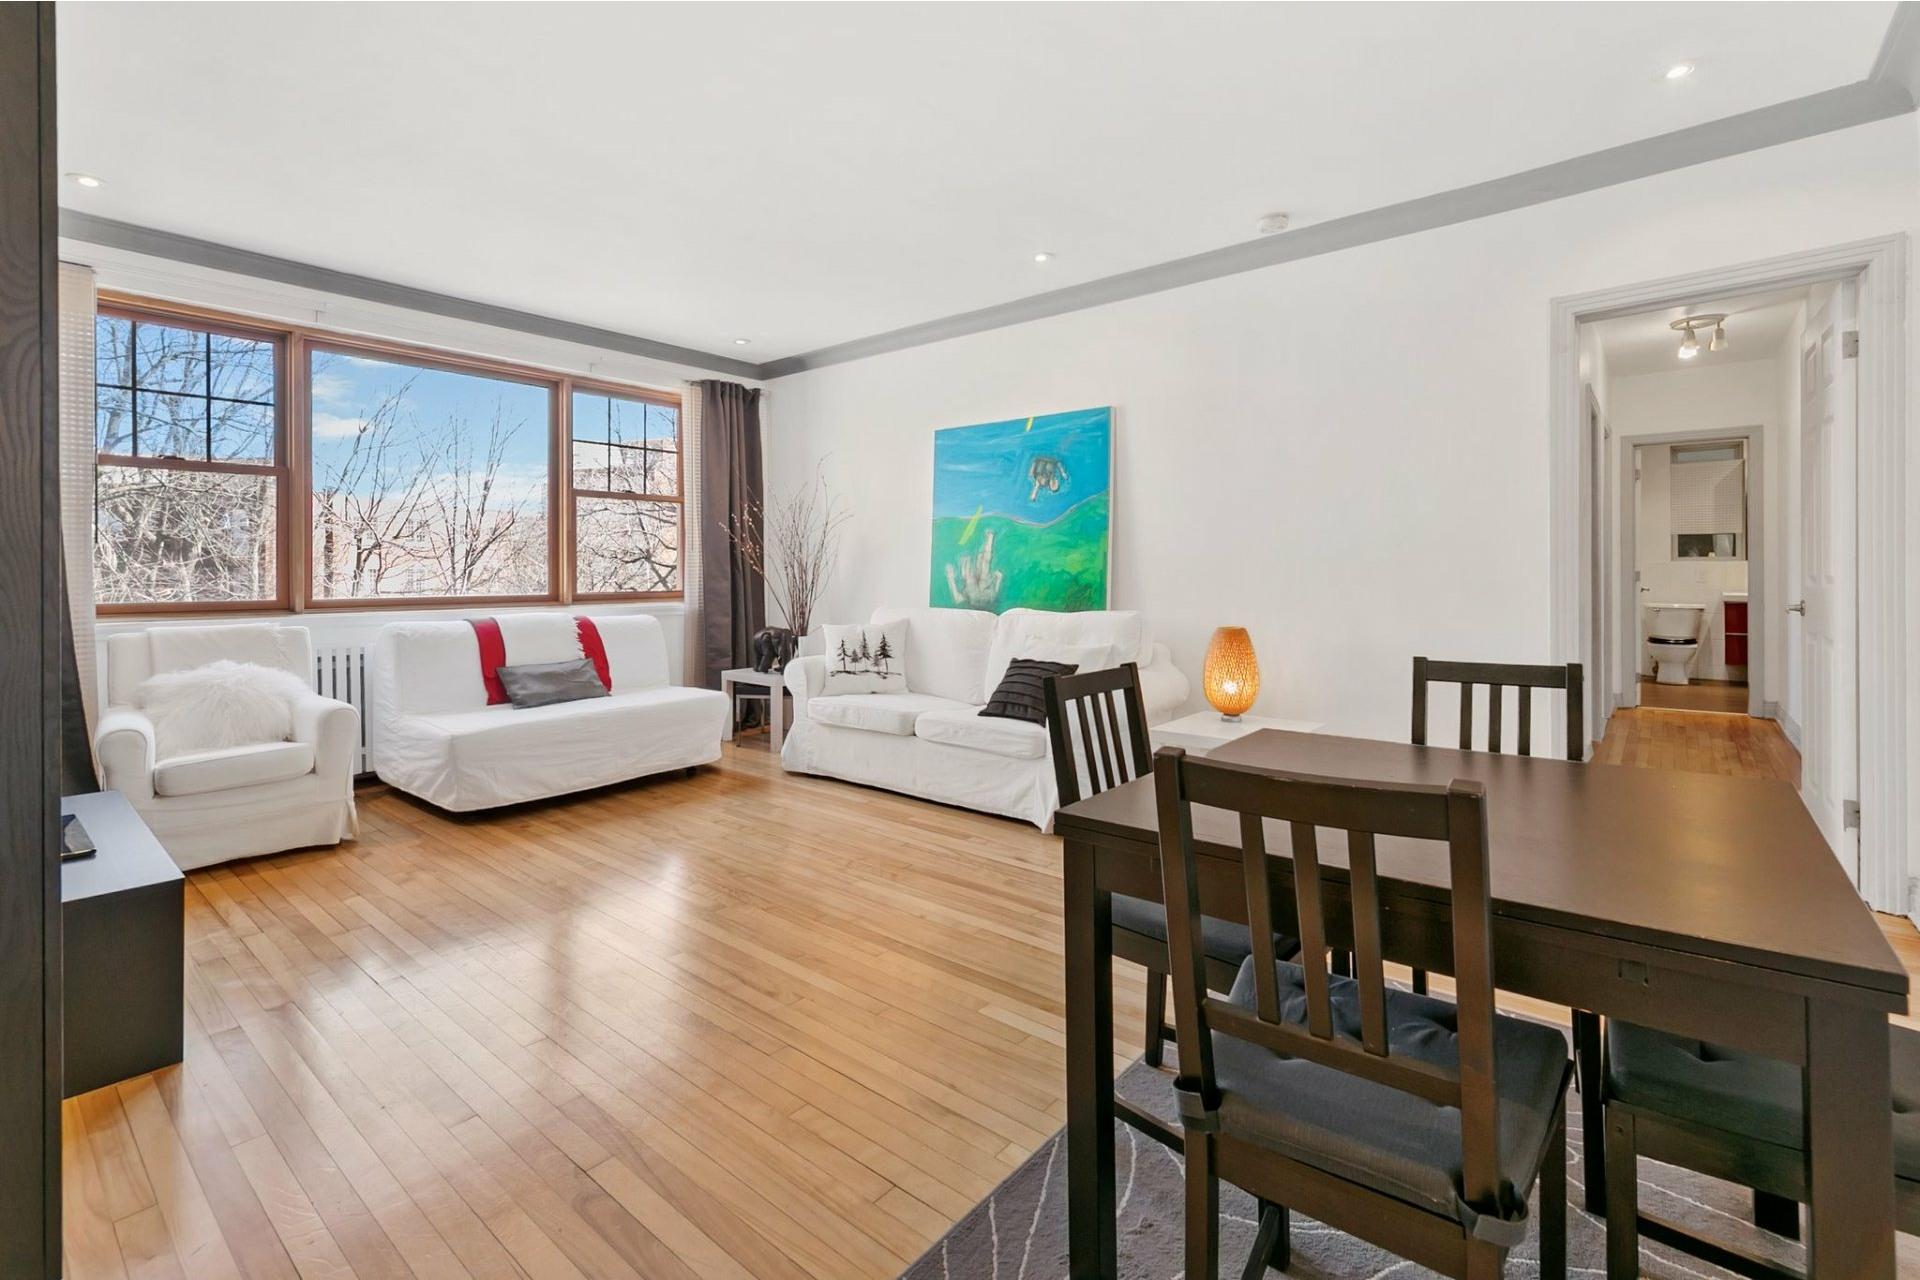 image 10 - Apartment For sale Côte-des-Neiges/Notre-Dame-de-Grâce Montréal  - 5 rooms